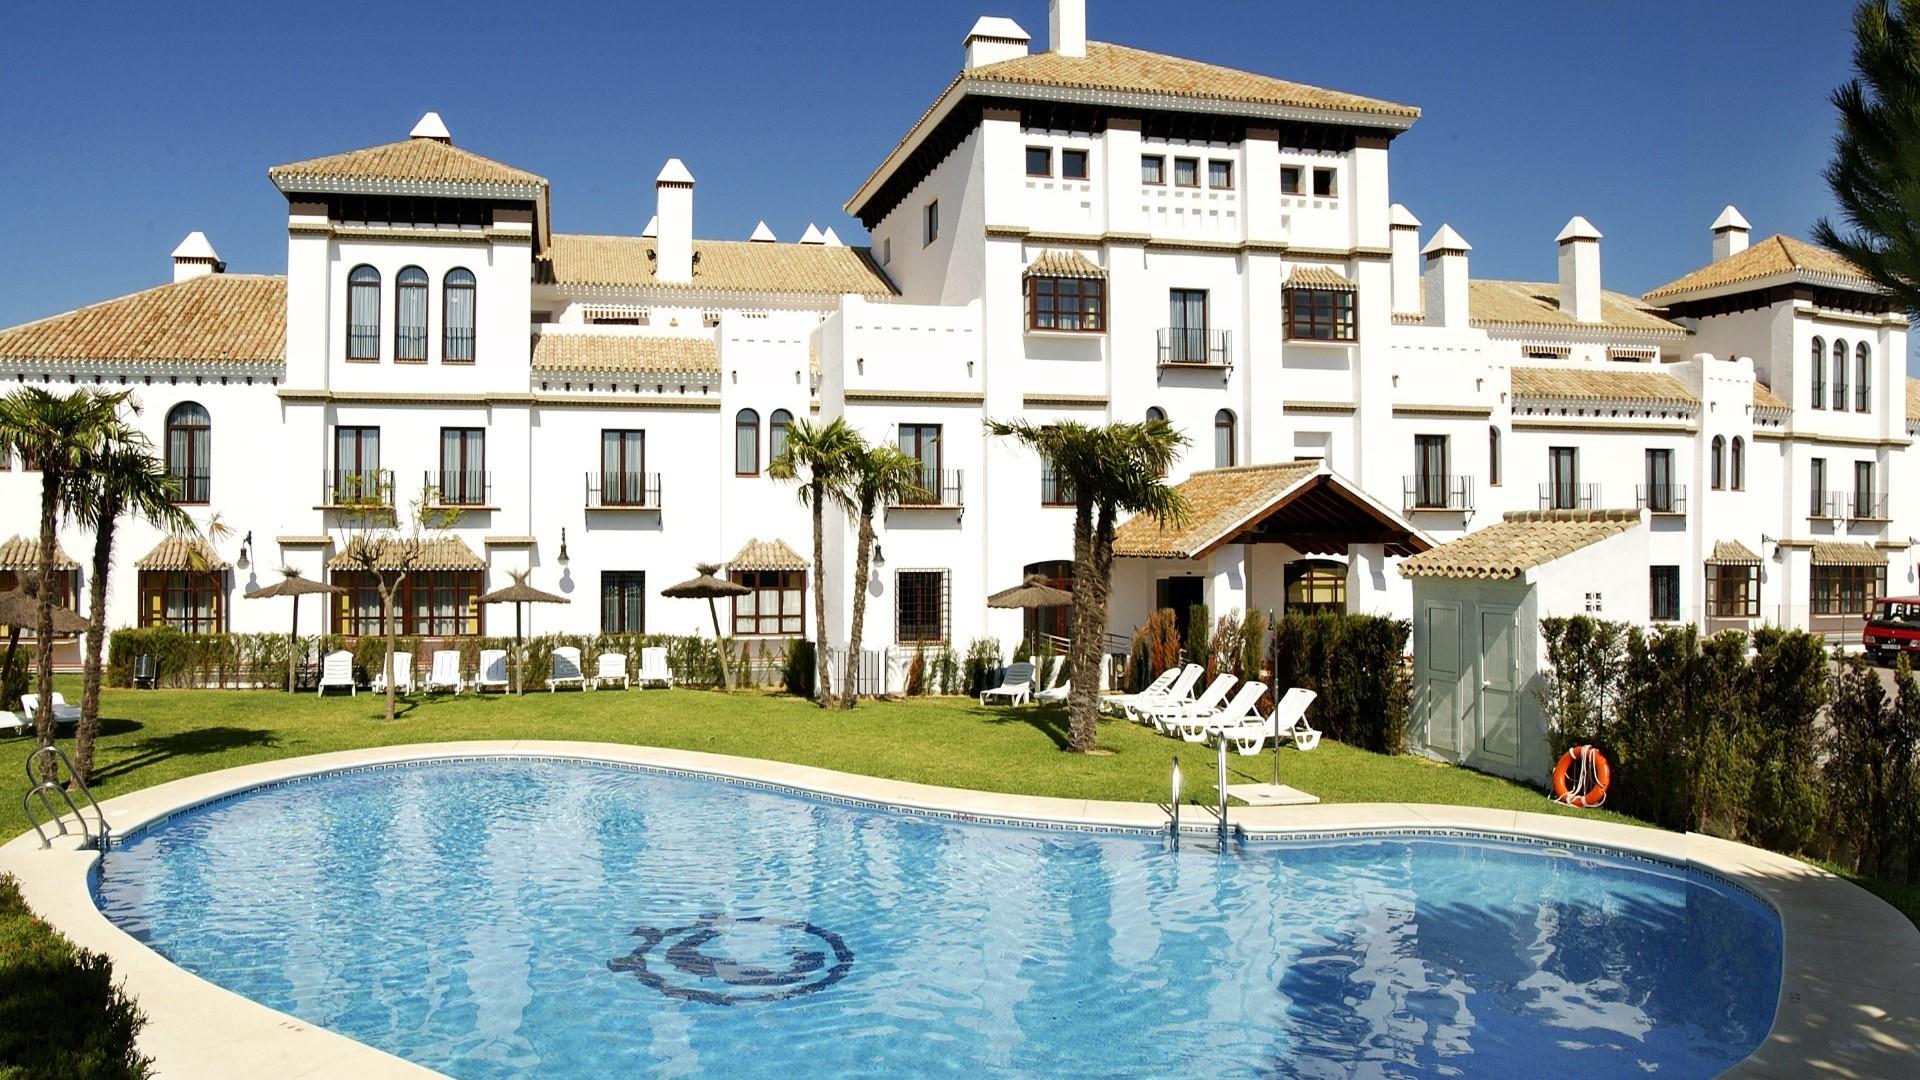 Hotel El Cortijo Matalascañas 4* + Media pensión desde 56€ p/p noche